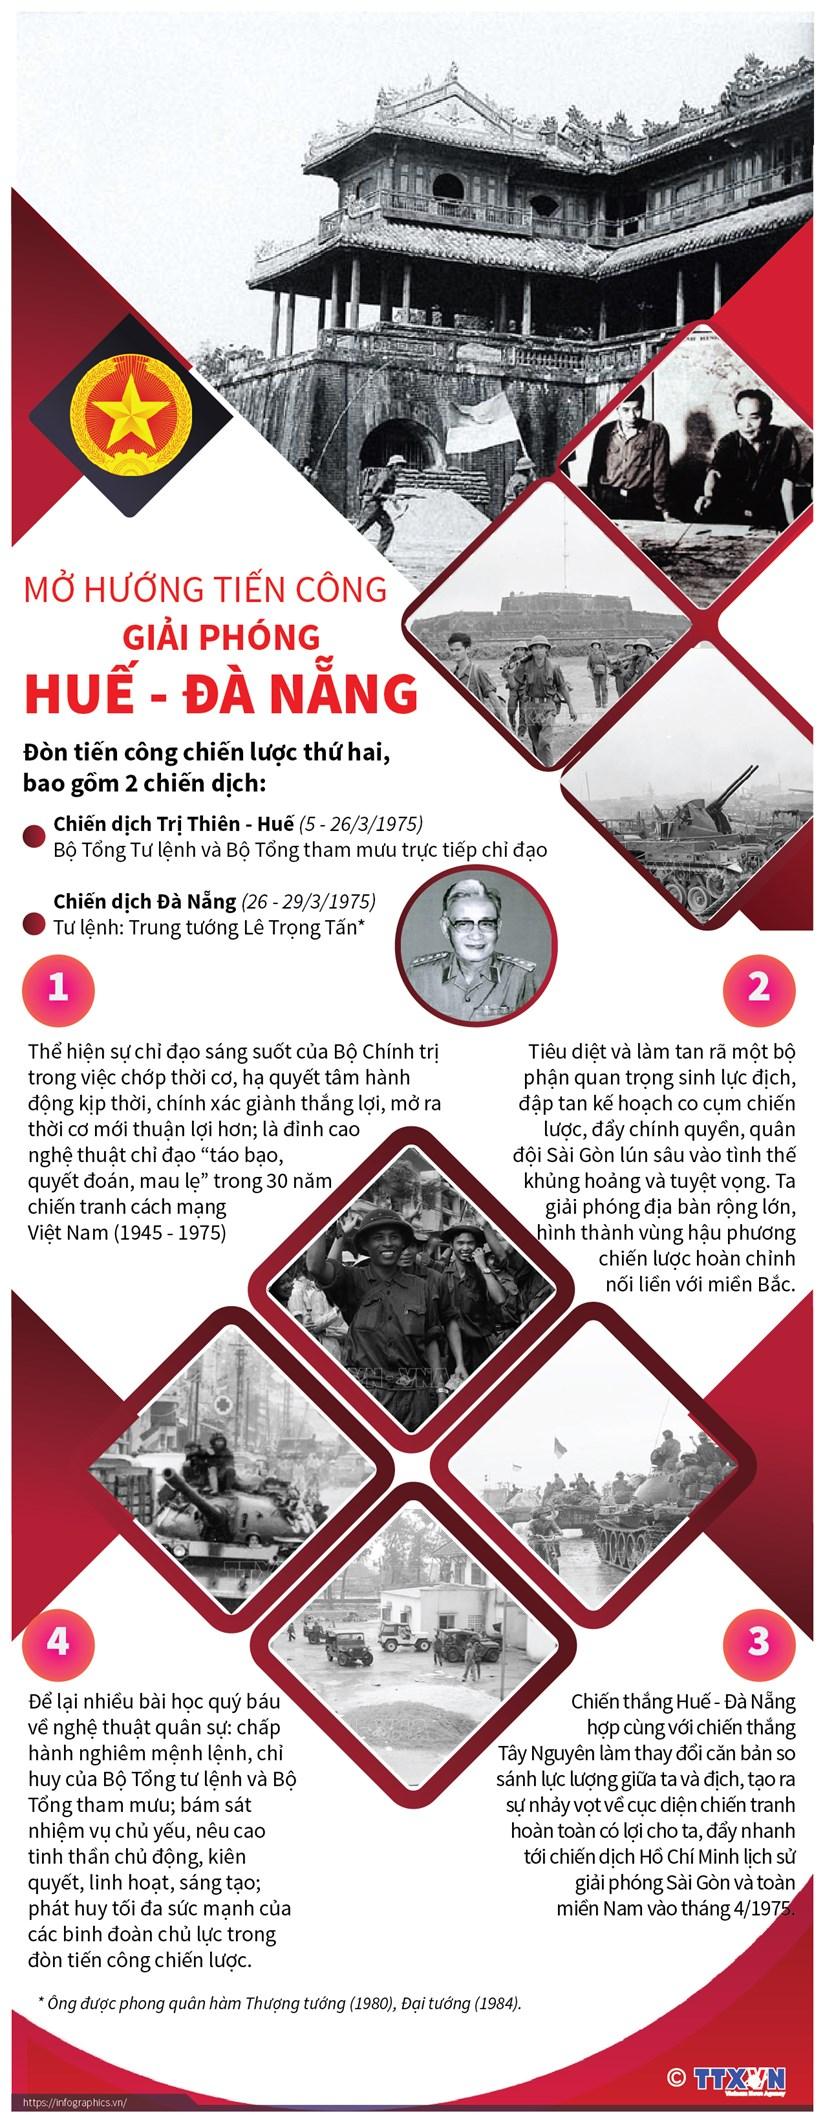 [Infographics] Mo huong tien cong giai phong Hue-Da Nang hinh anh 1